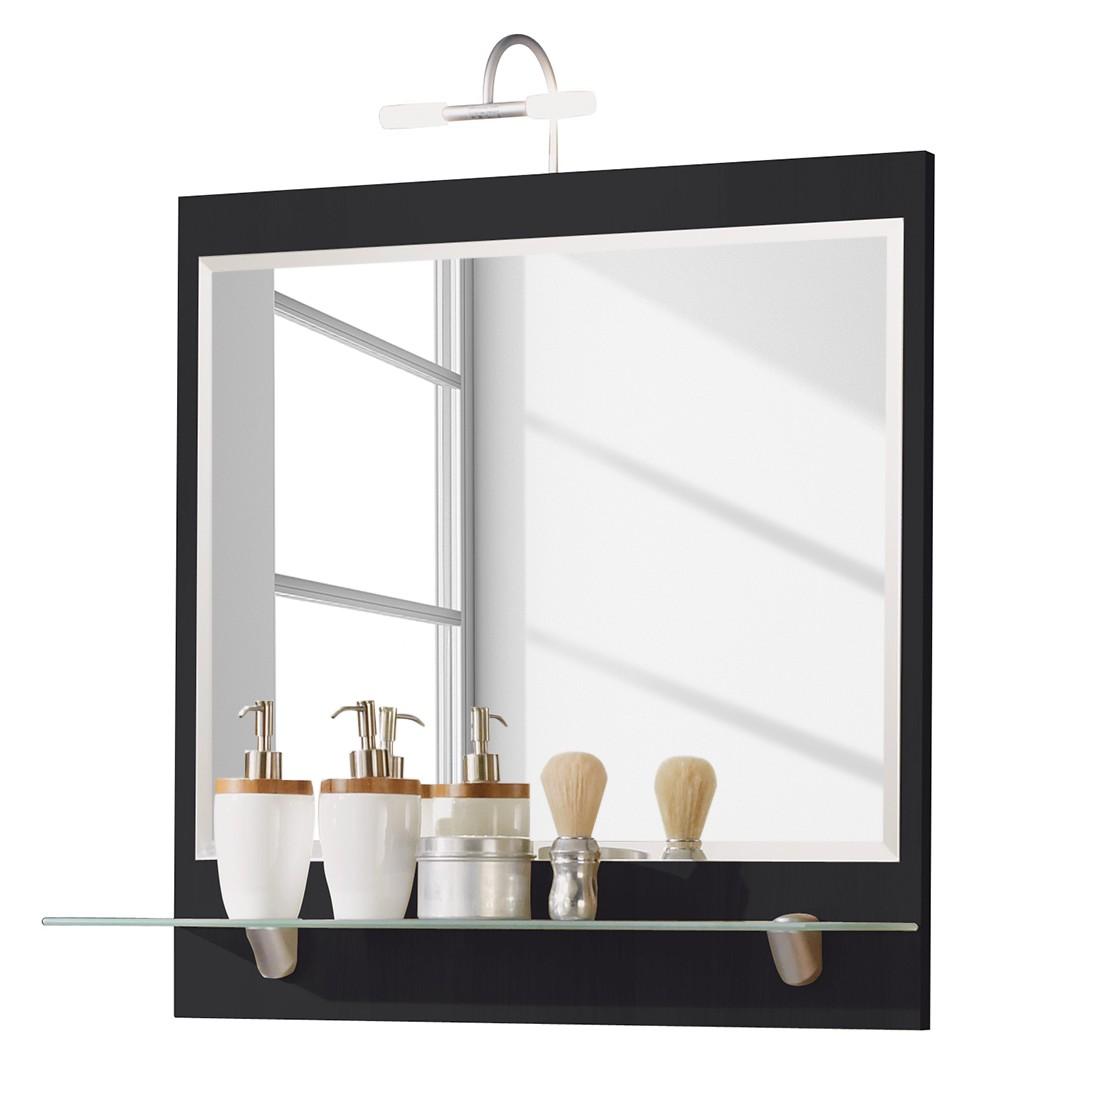 Home24 meubels badkamerspiegels - Home24 spiegel ...